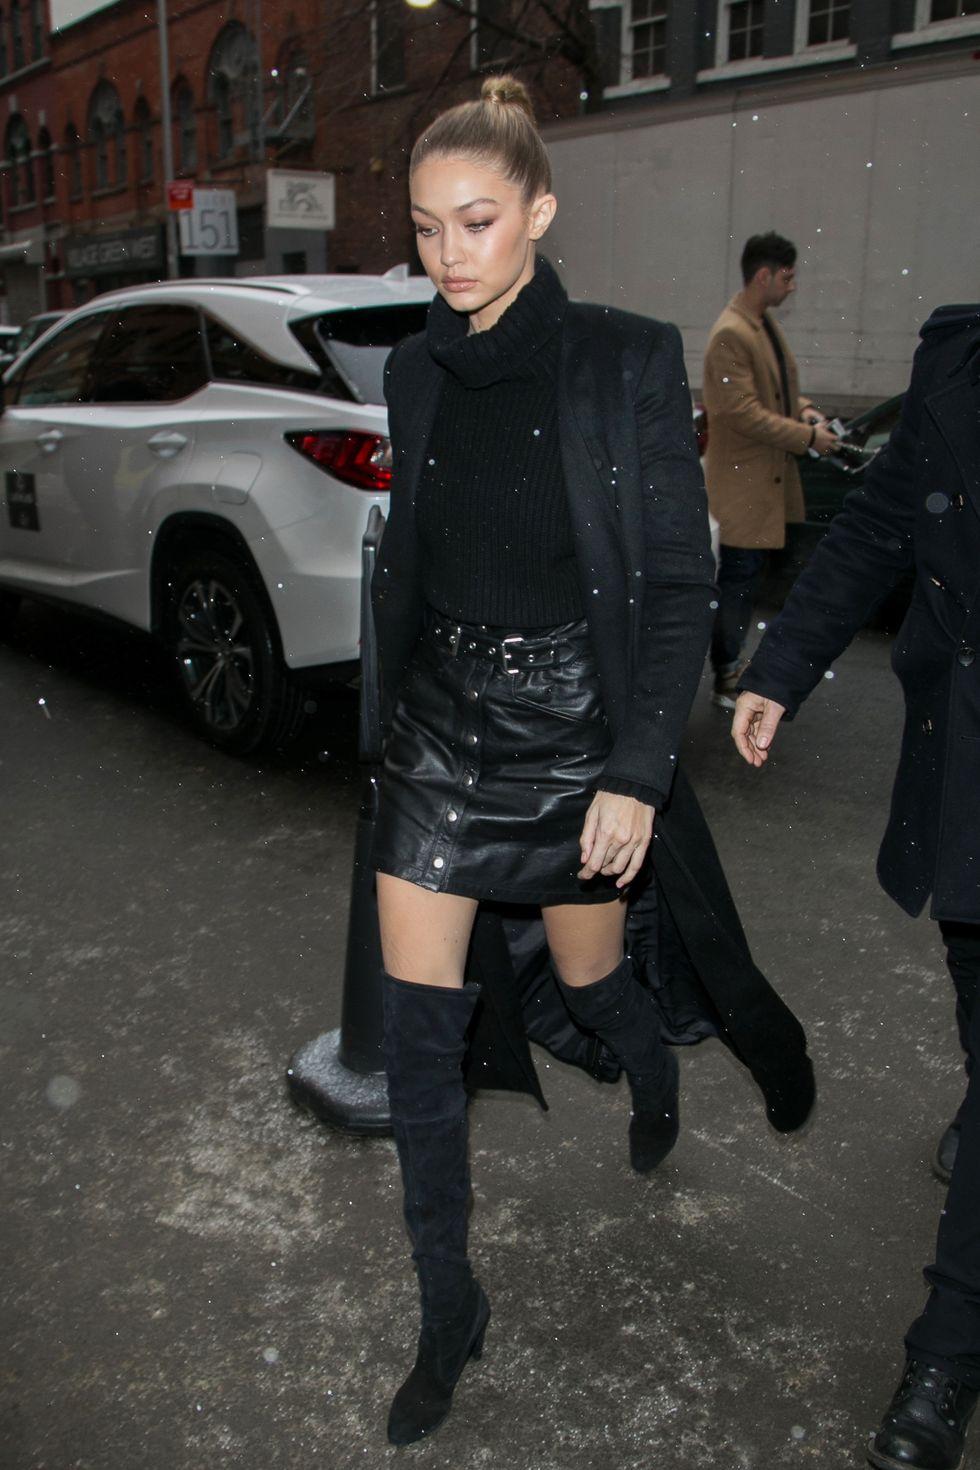 Perché lo stile di Gigi Hadid spacca? Guarda i suoi outfit